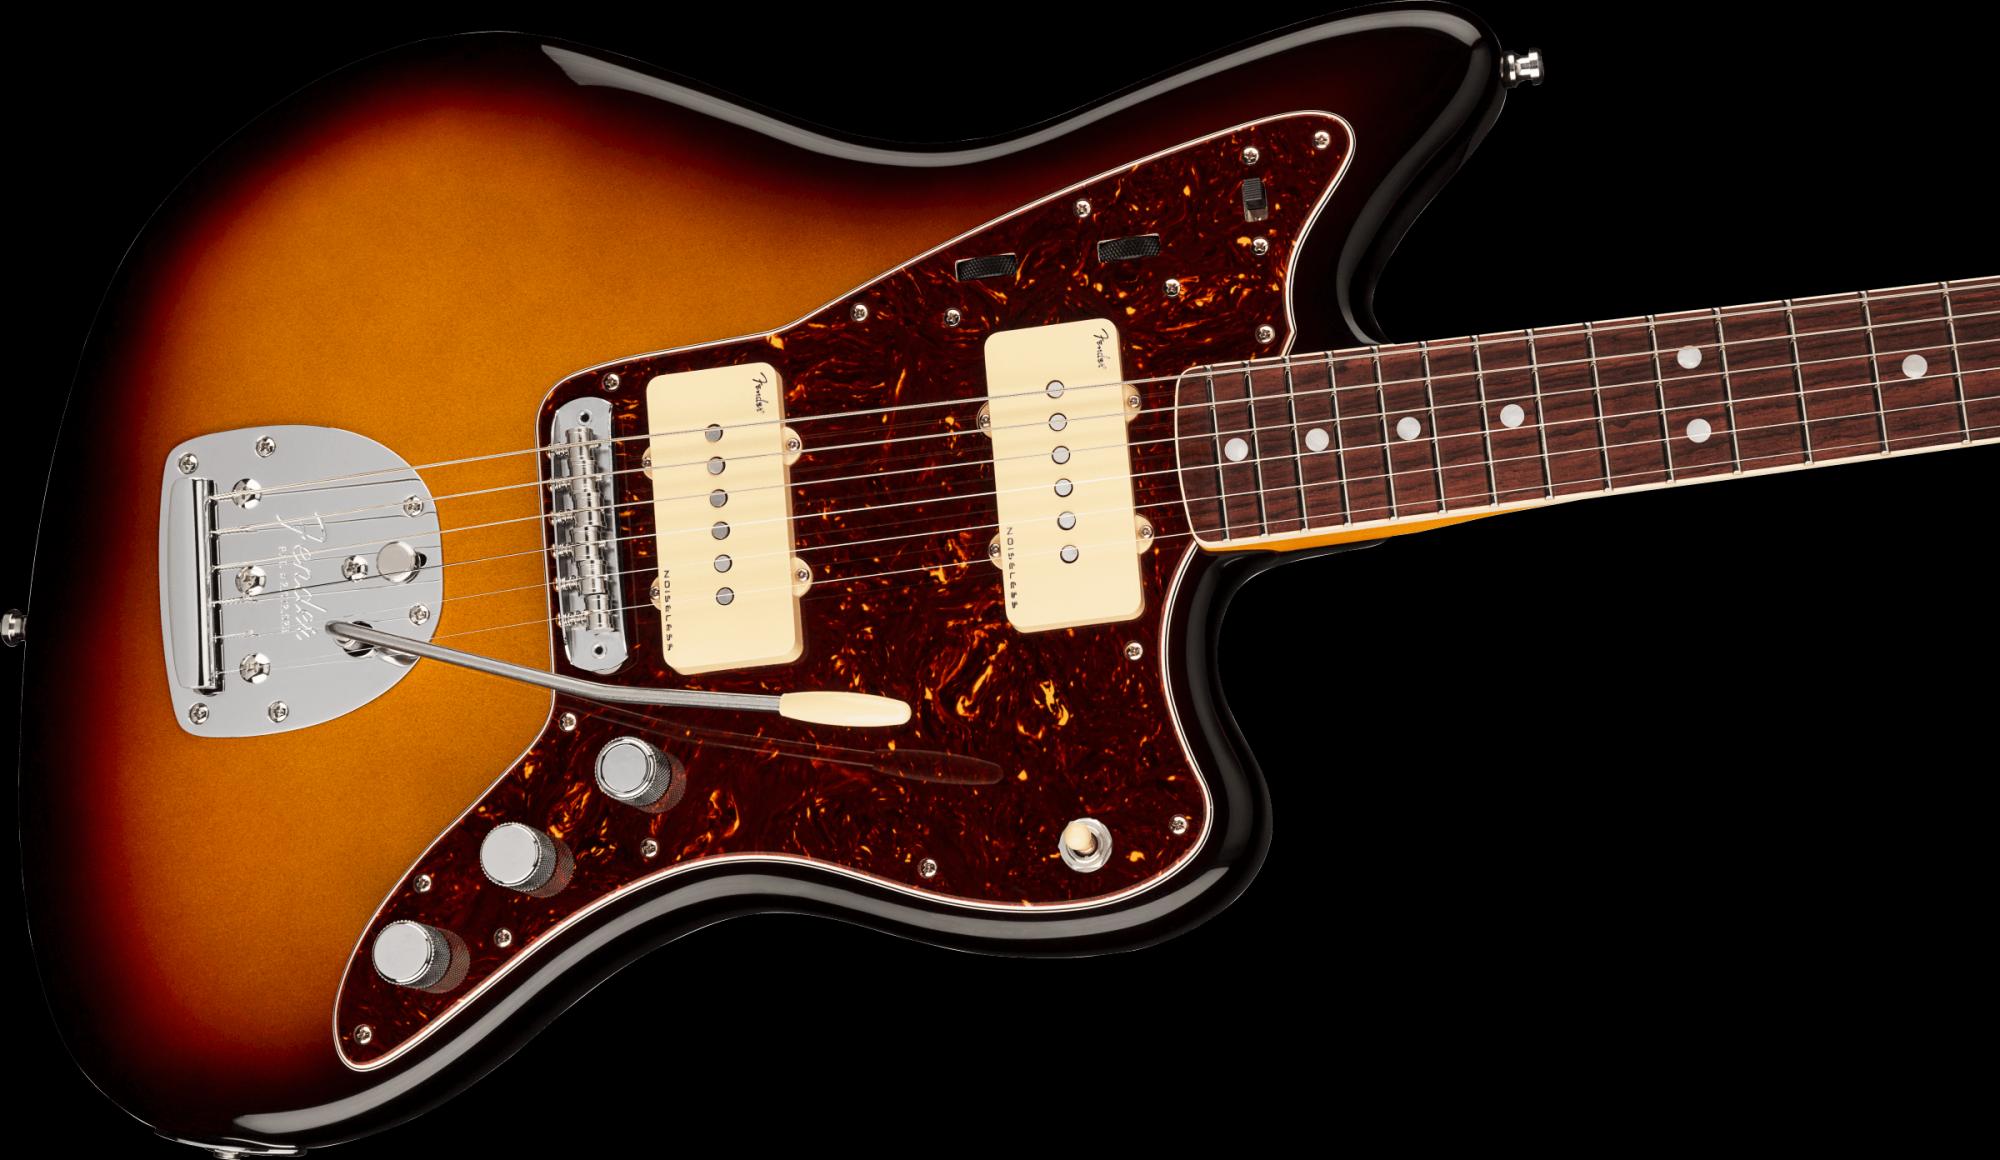 Fender American Ultra Jazzmaster - Ultraburst